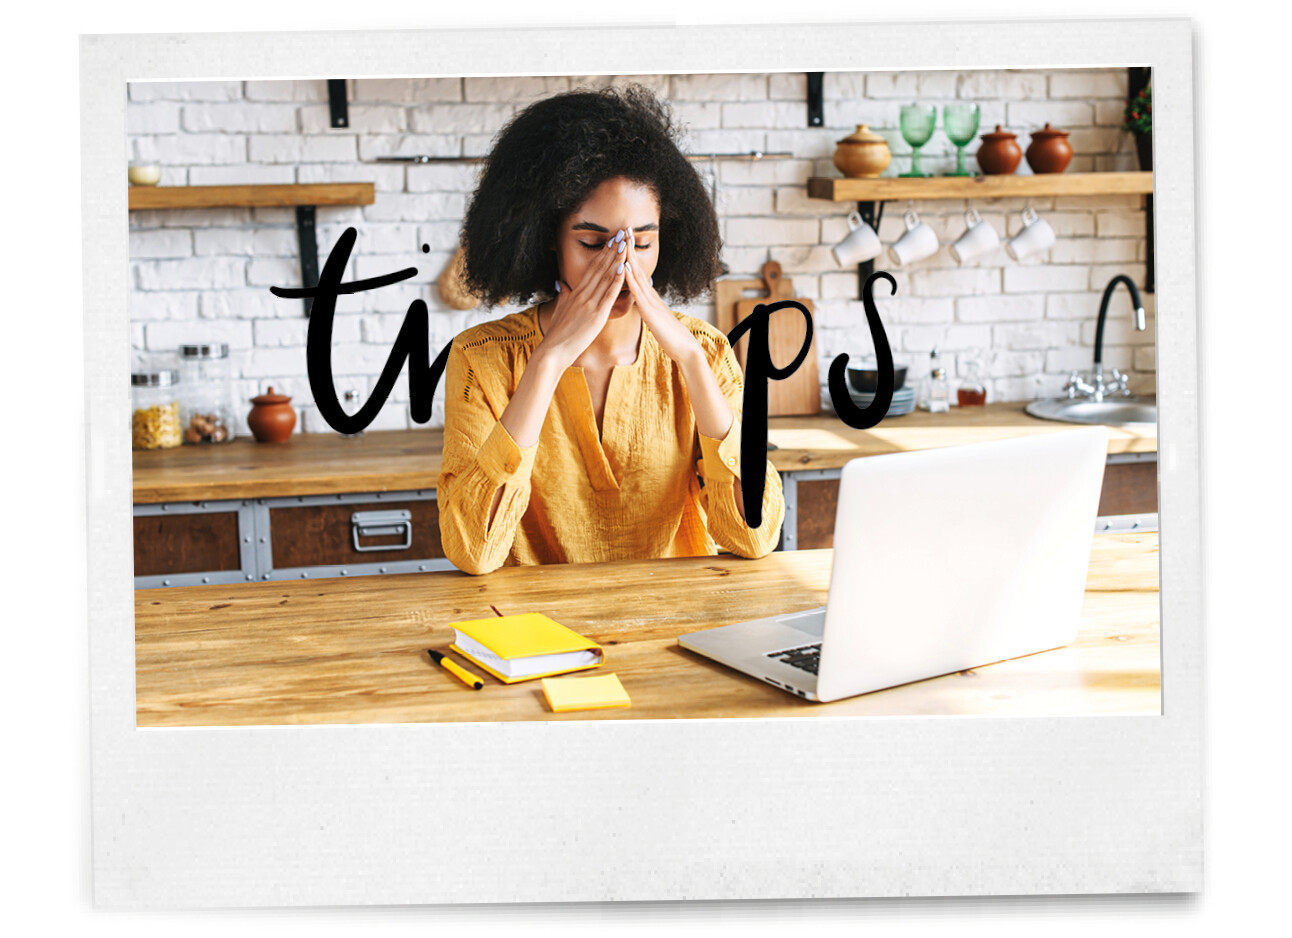 vrouw met handen in het gezicht aan de keukentafel achter haar laptop